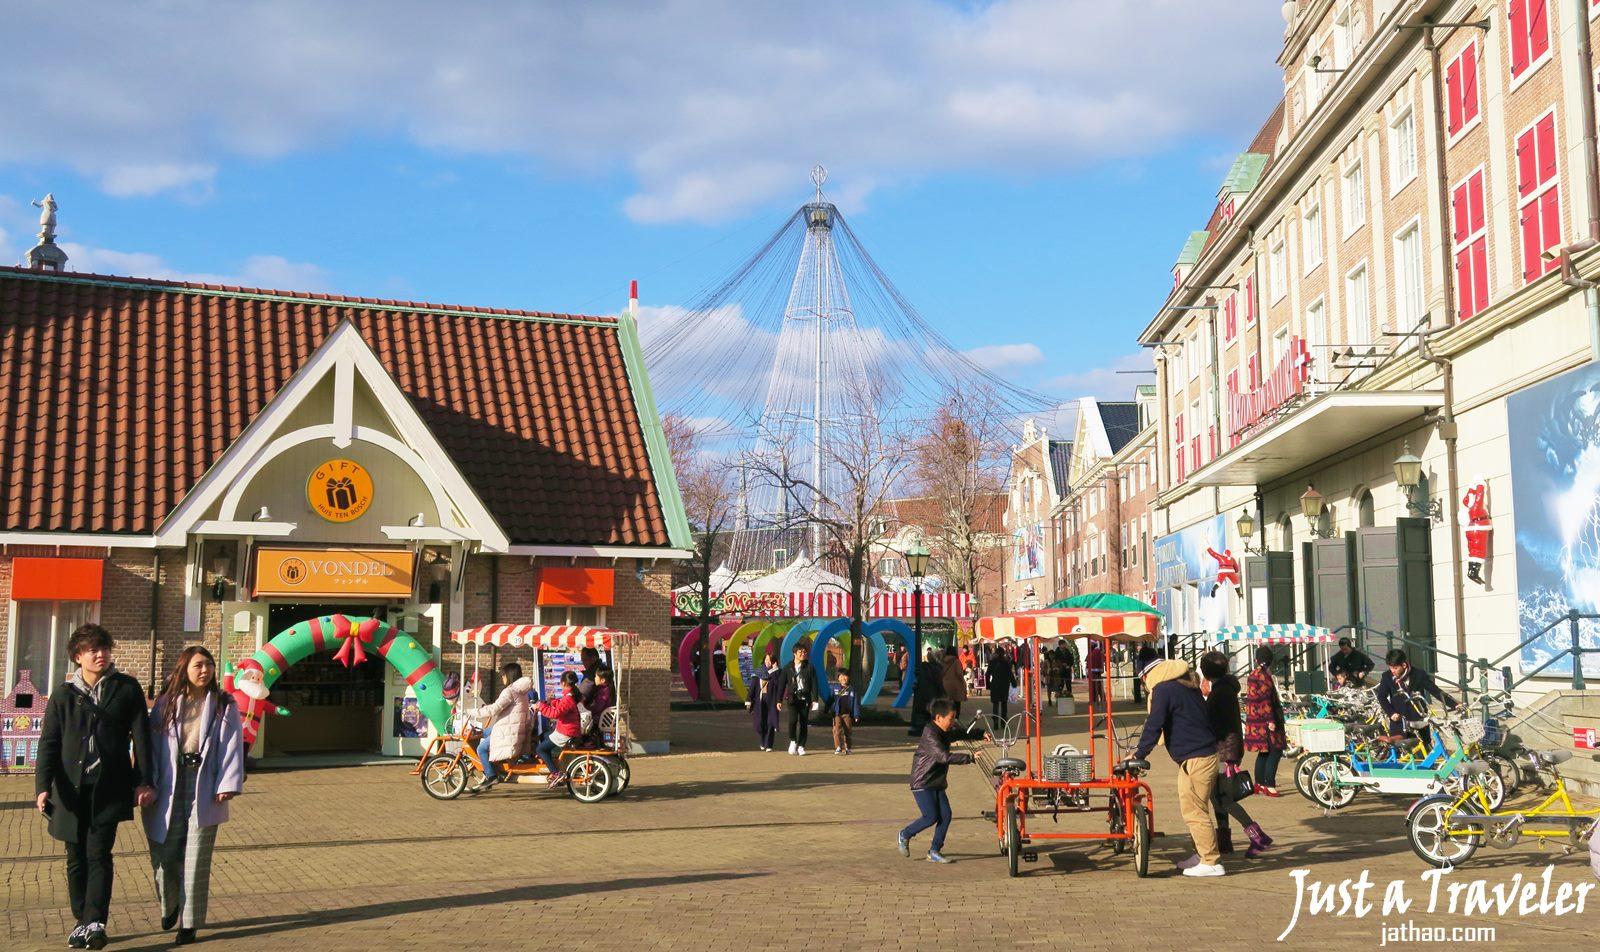 九州-長崎-景點-推薦-豪斯登堡-豪斯登堡行程-豪斯登堡攻略-豪斯登堡一日遊-旅遊-自由行-Kyushu-Huis Ten Bosch-Travel-Japan